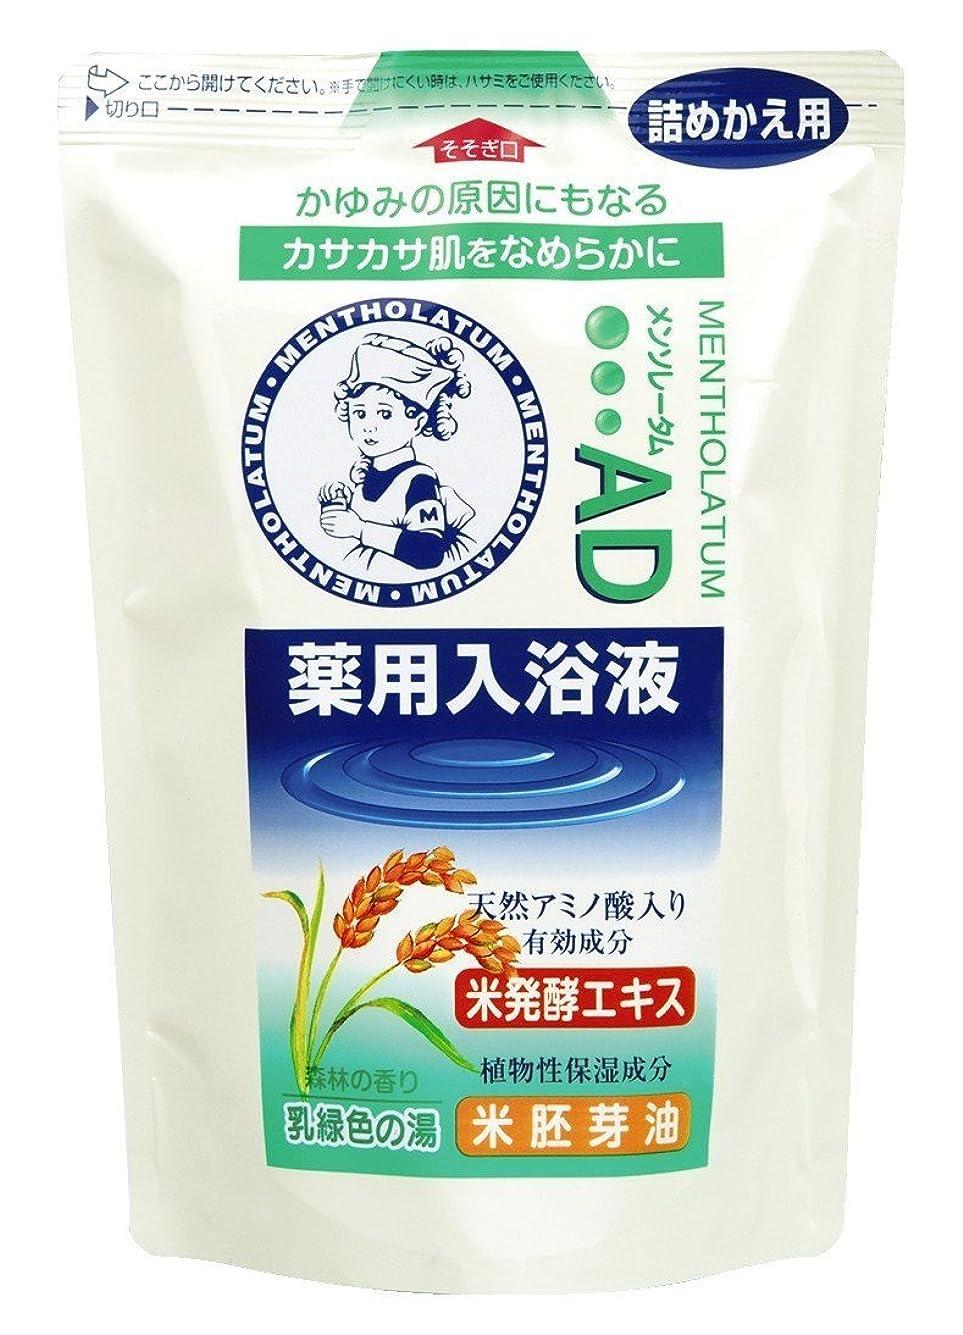 共同選択代数的摘むメンソレータムAD薬用入浴液 やすらぐ森林の香り(詰替用) 600ml